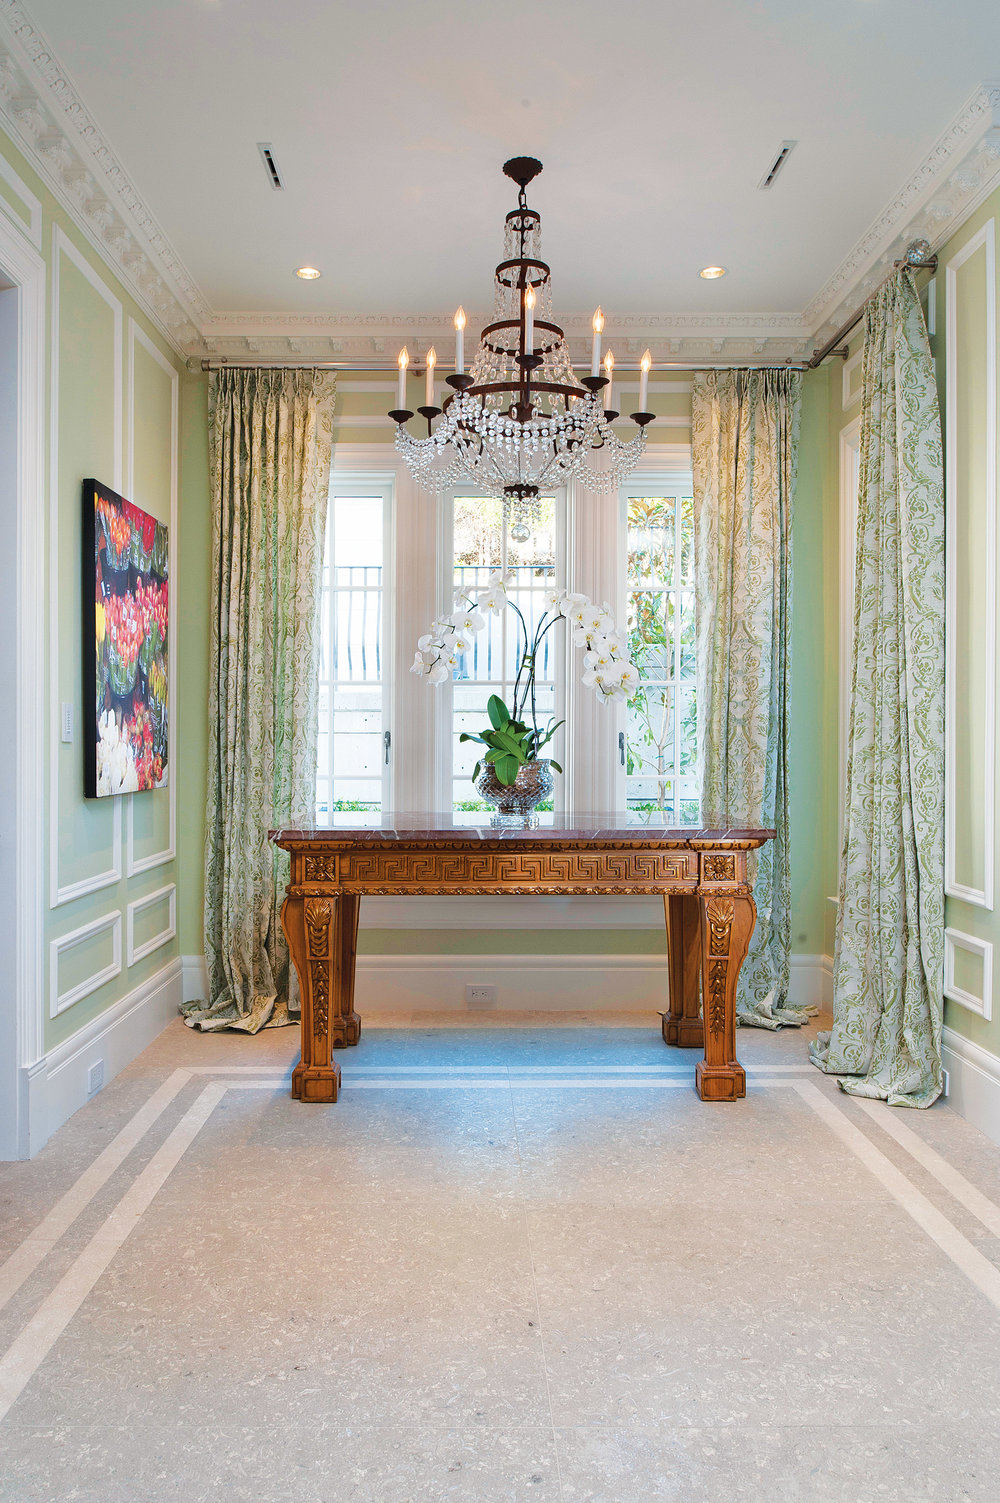 宅邸的窗簾是用來自威尼斯的福圖尼印花綢製成,與牆壁、天花板上精緻的石膏線和淺綠色的牆面共同營造出清新優雅的感覺。